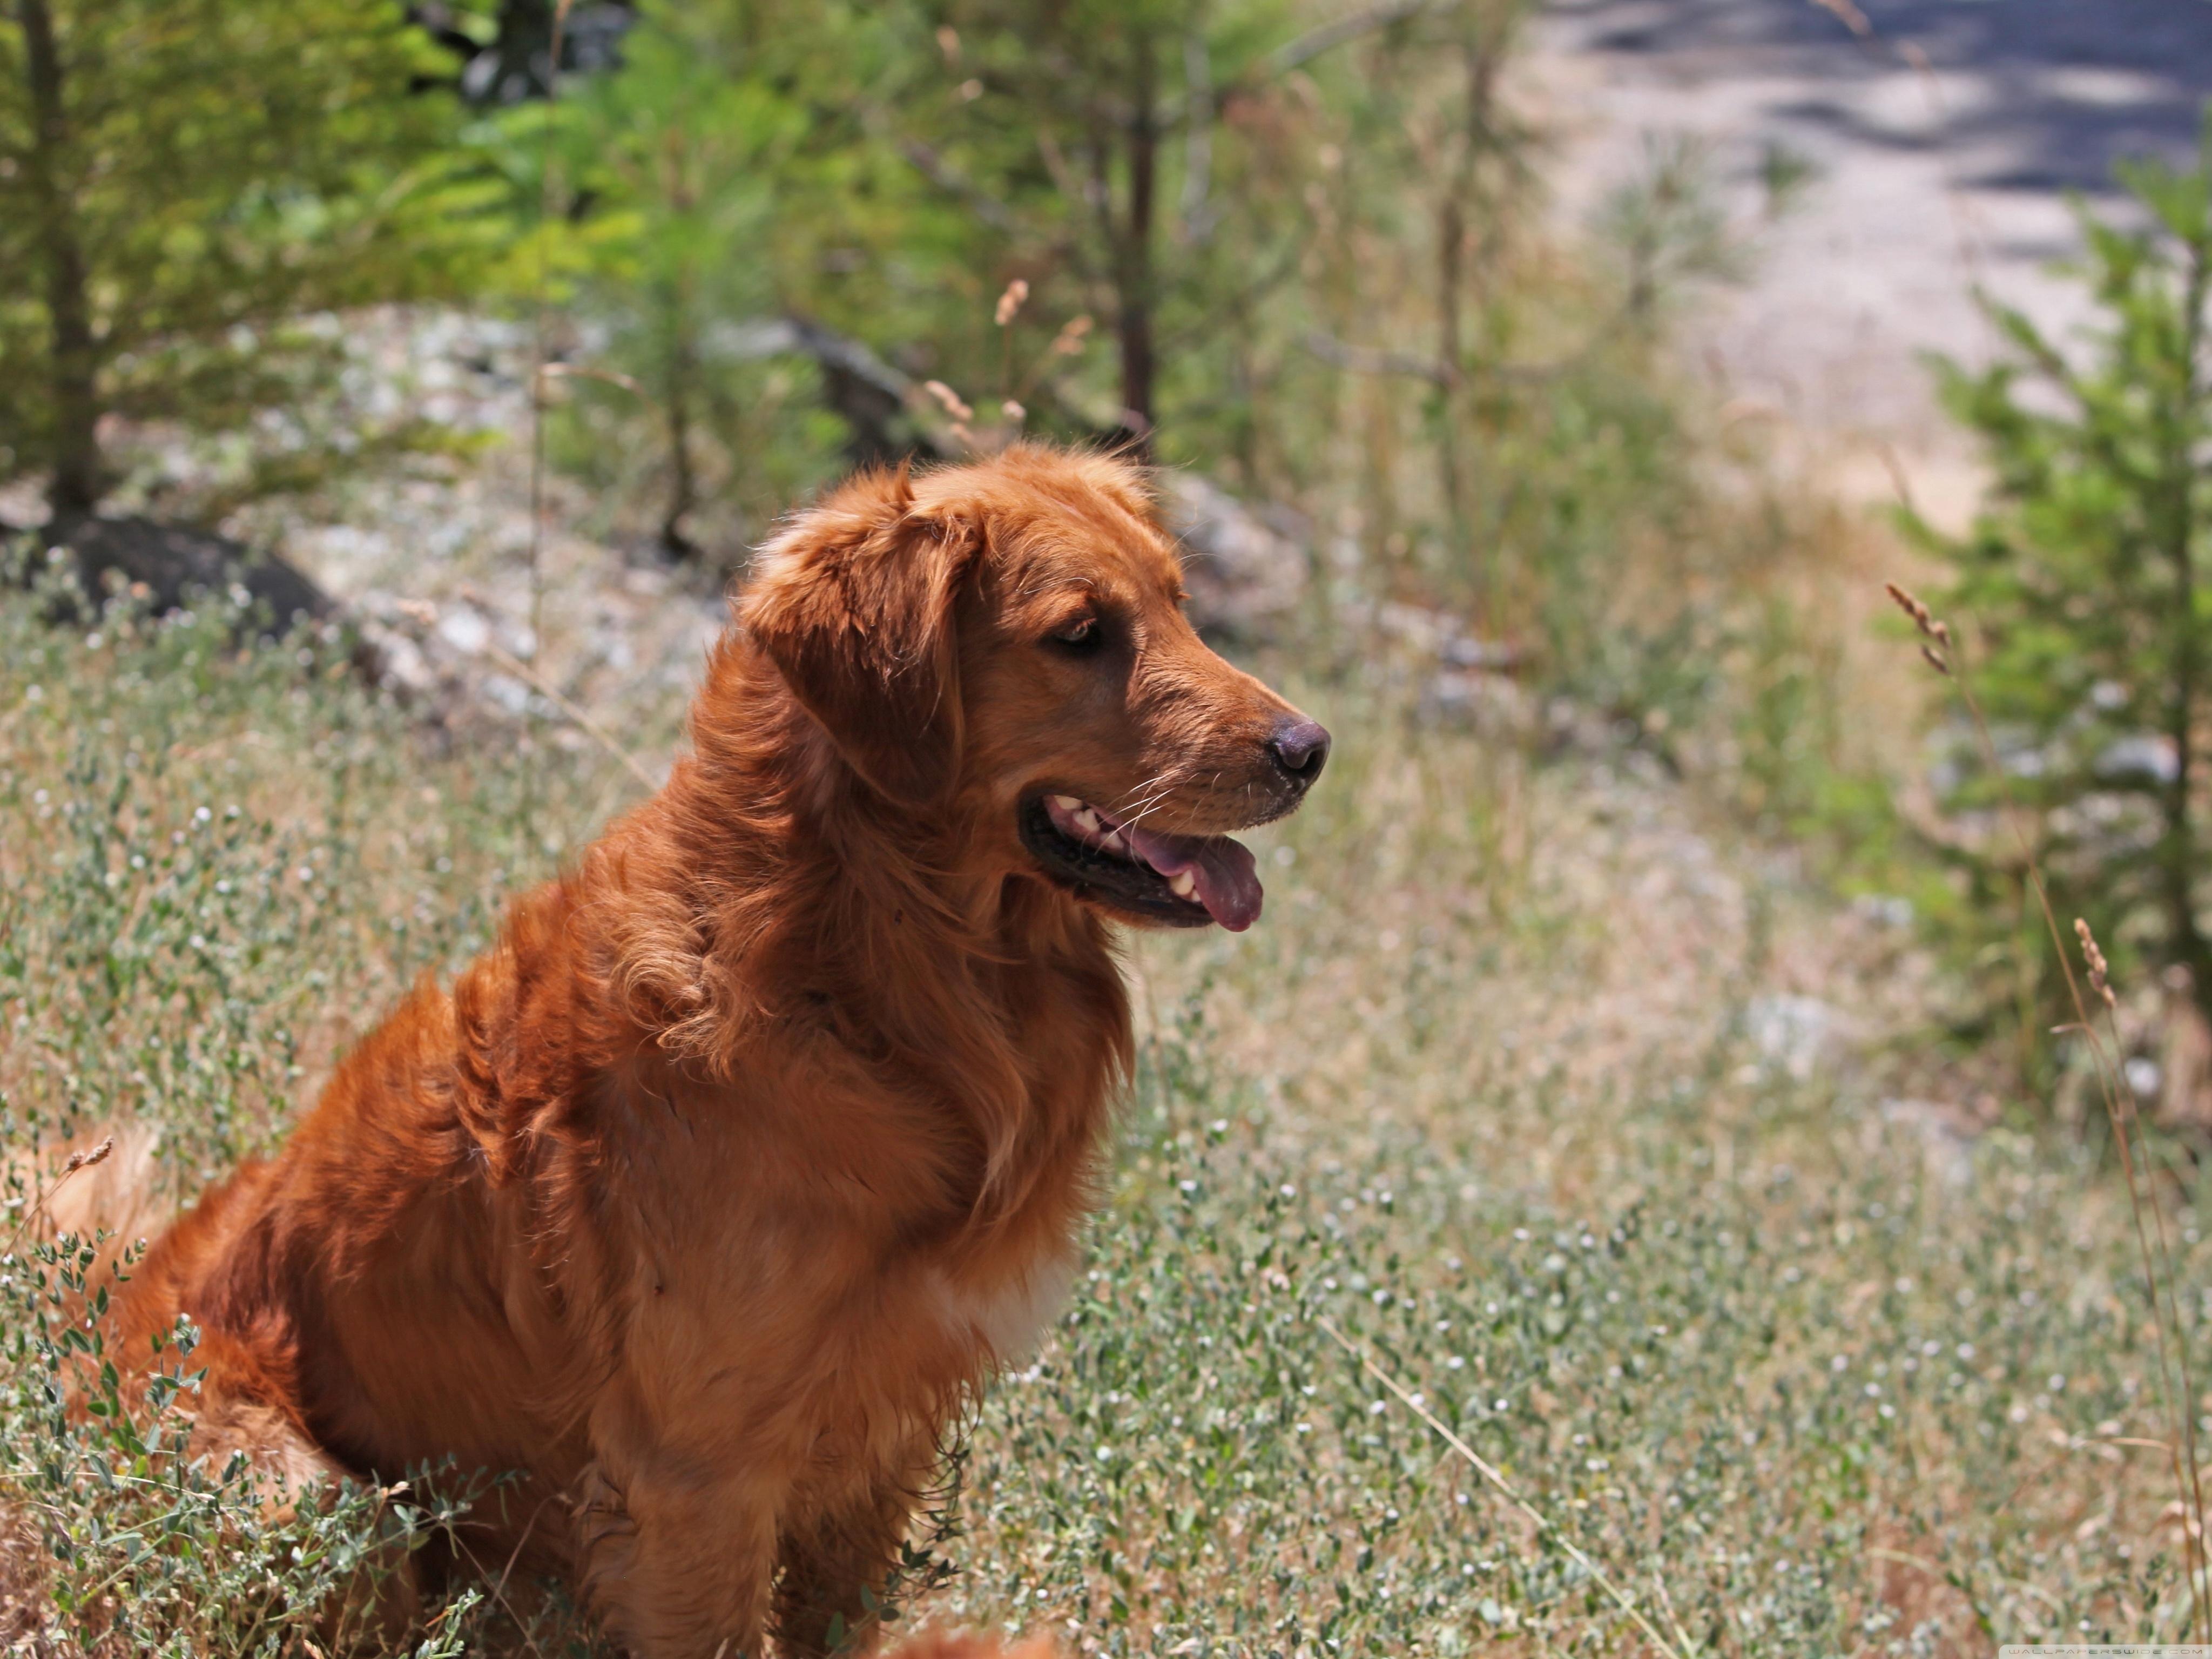 70053 скачать обои Животные, Собака, Трава, Ожидание, Сидеть - заставки и картинки бесплатно